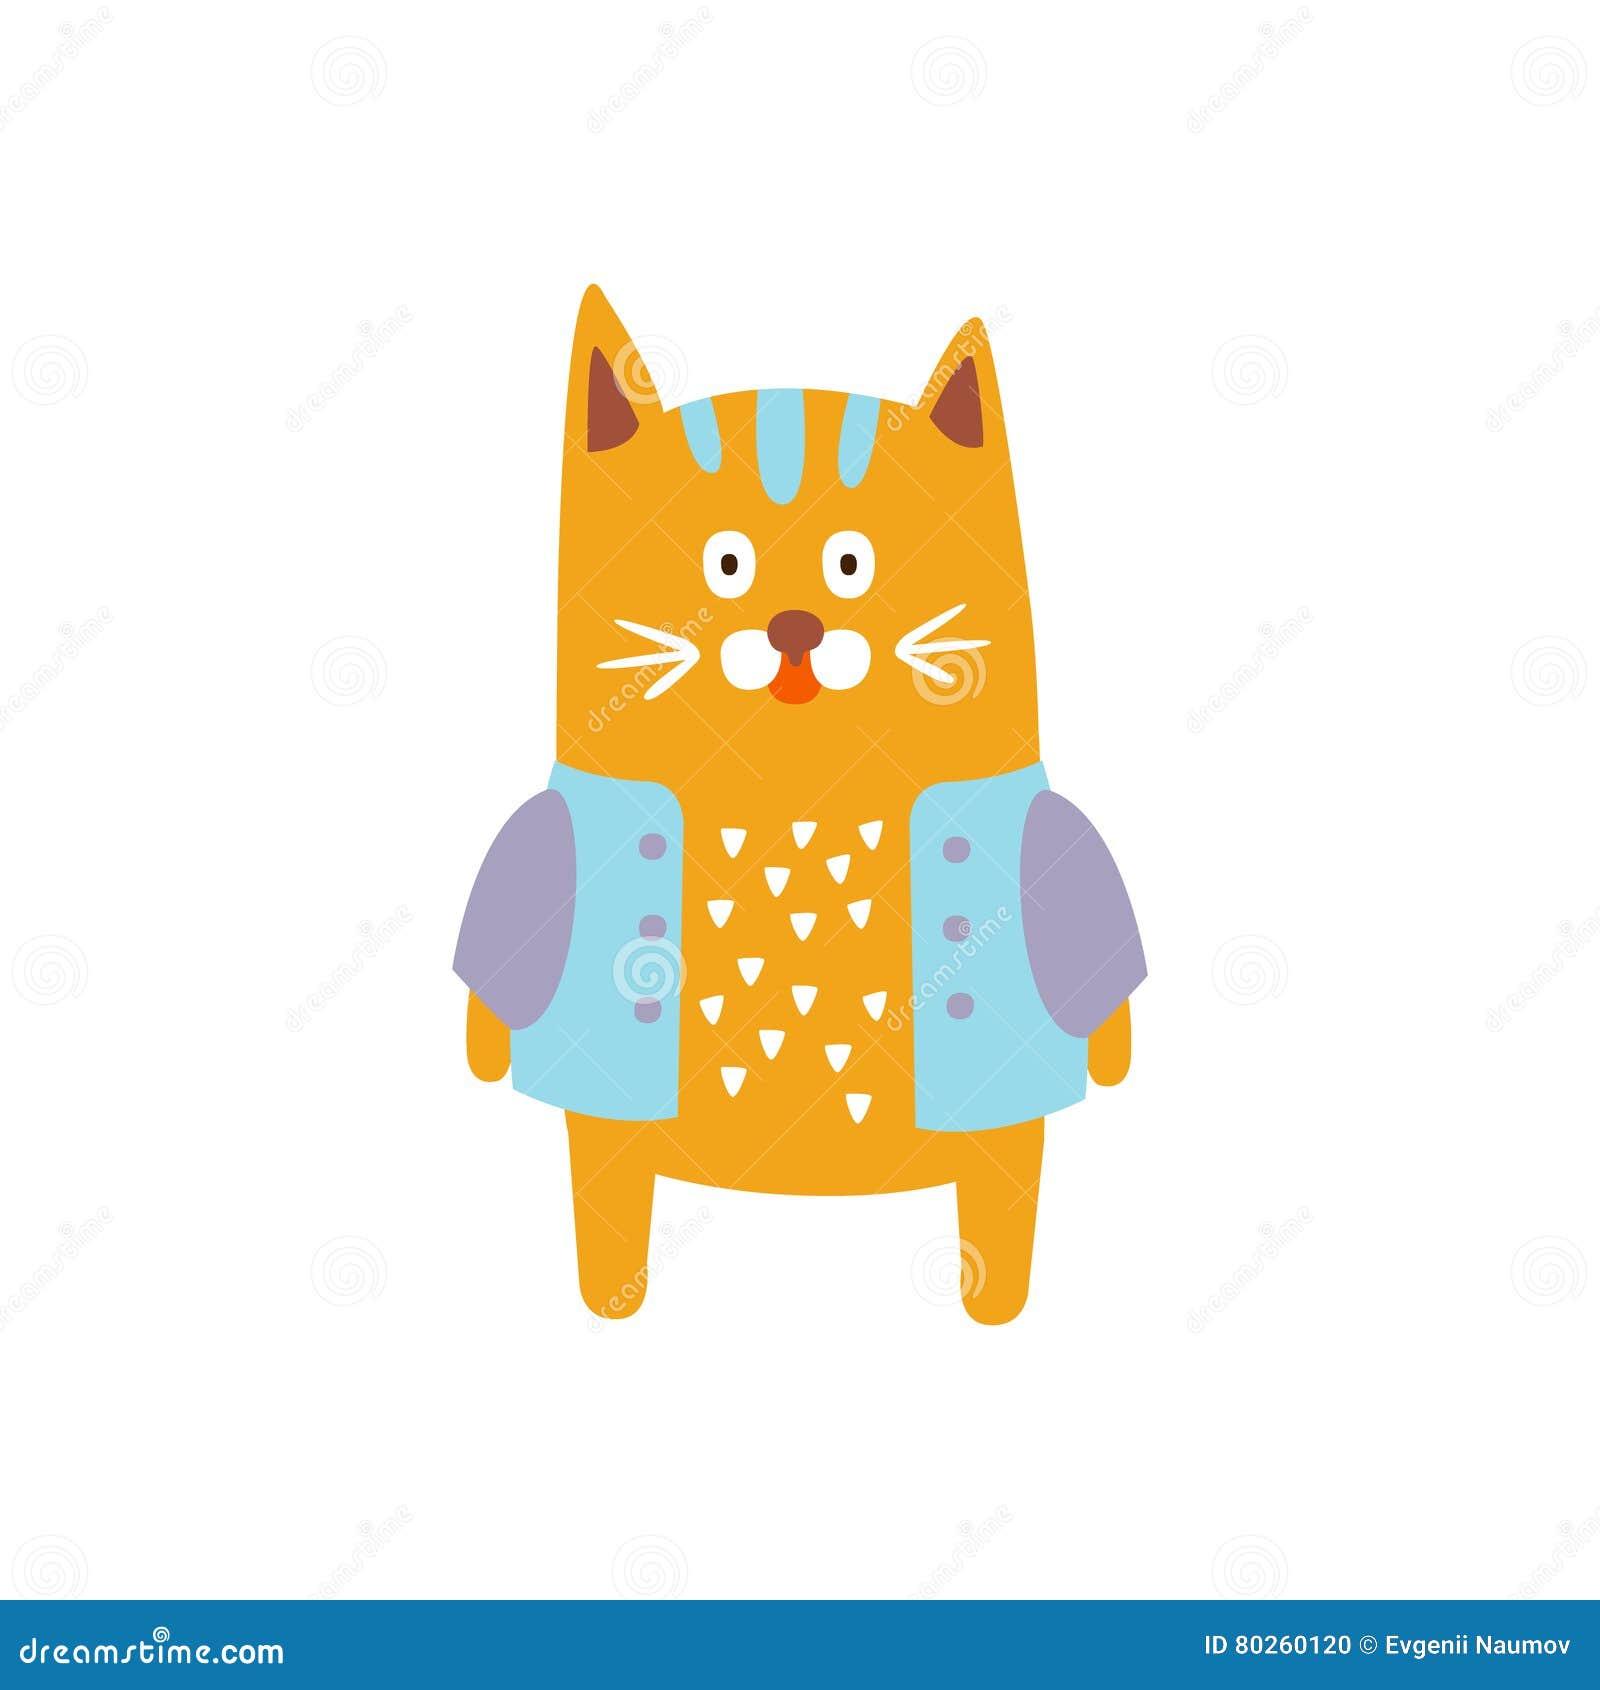 Illustrazione animale stante rossa del carattere umanizzata montante di Cat Wearing Jacket In Autumn nello stile decorativo funky